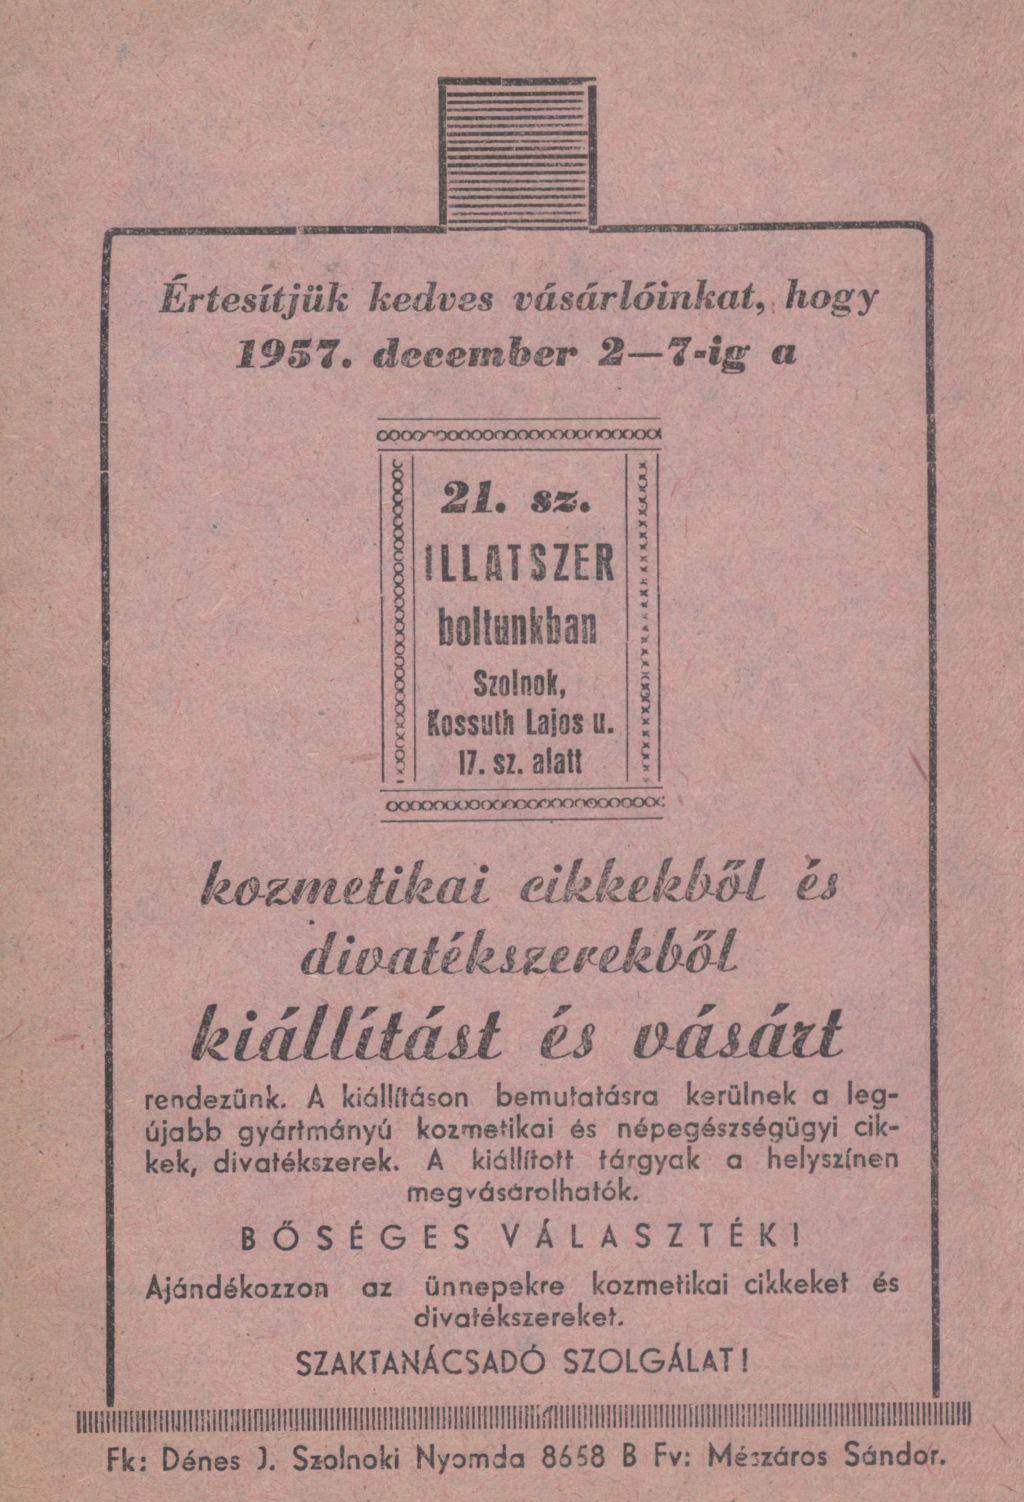 Kiállítás- és vásár kozmetikai cikkekből és divatékszerekből a 21. sz. illatszerboltban, Szolnokon